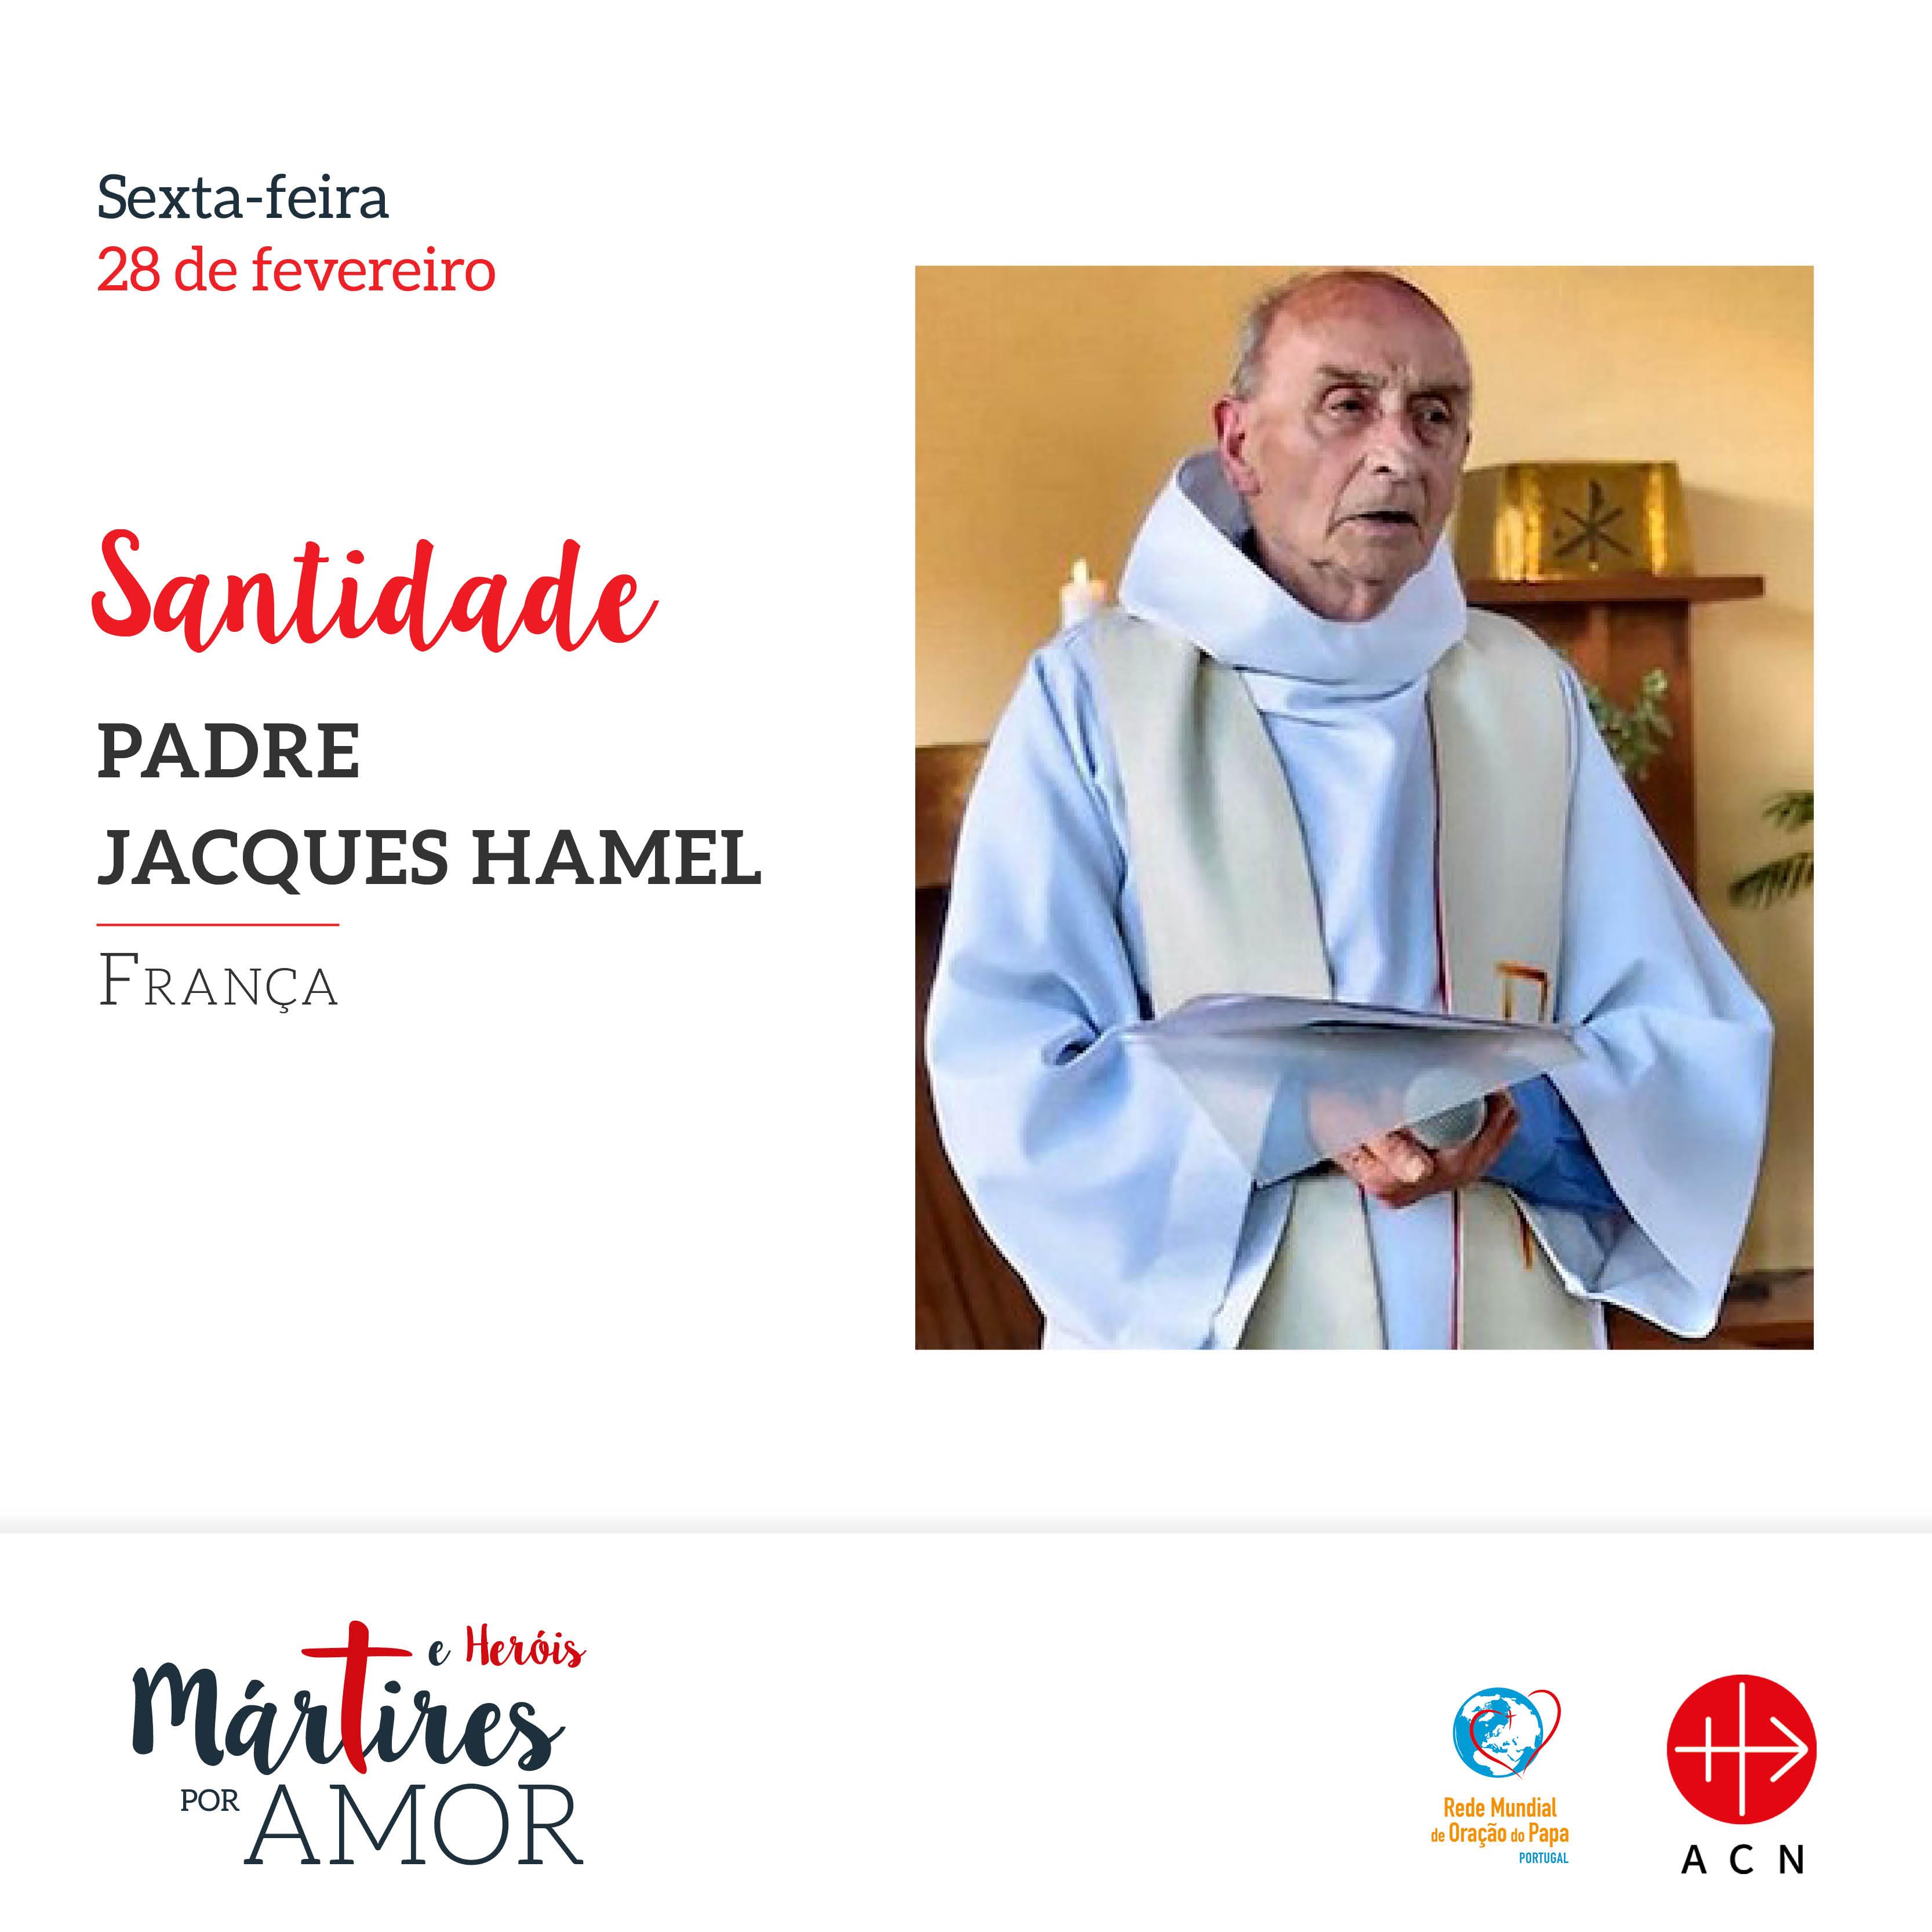 Santidade - França: Padre Jacques Hamel.